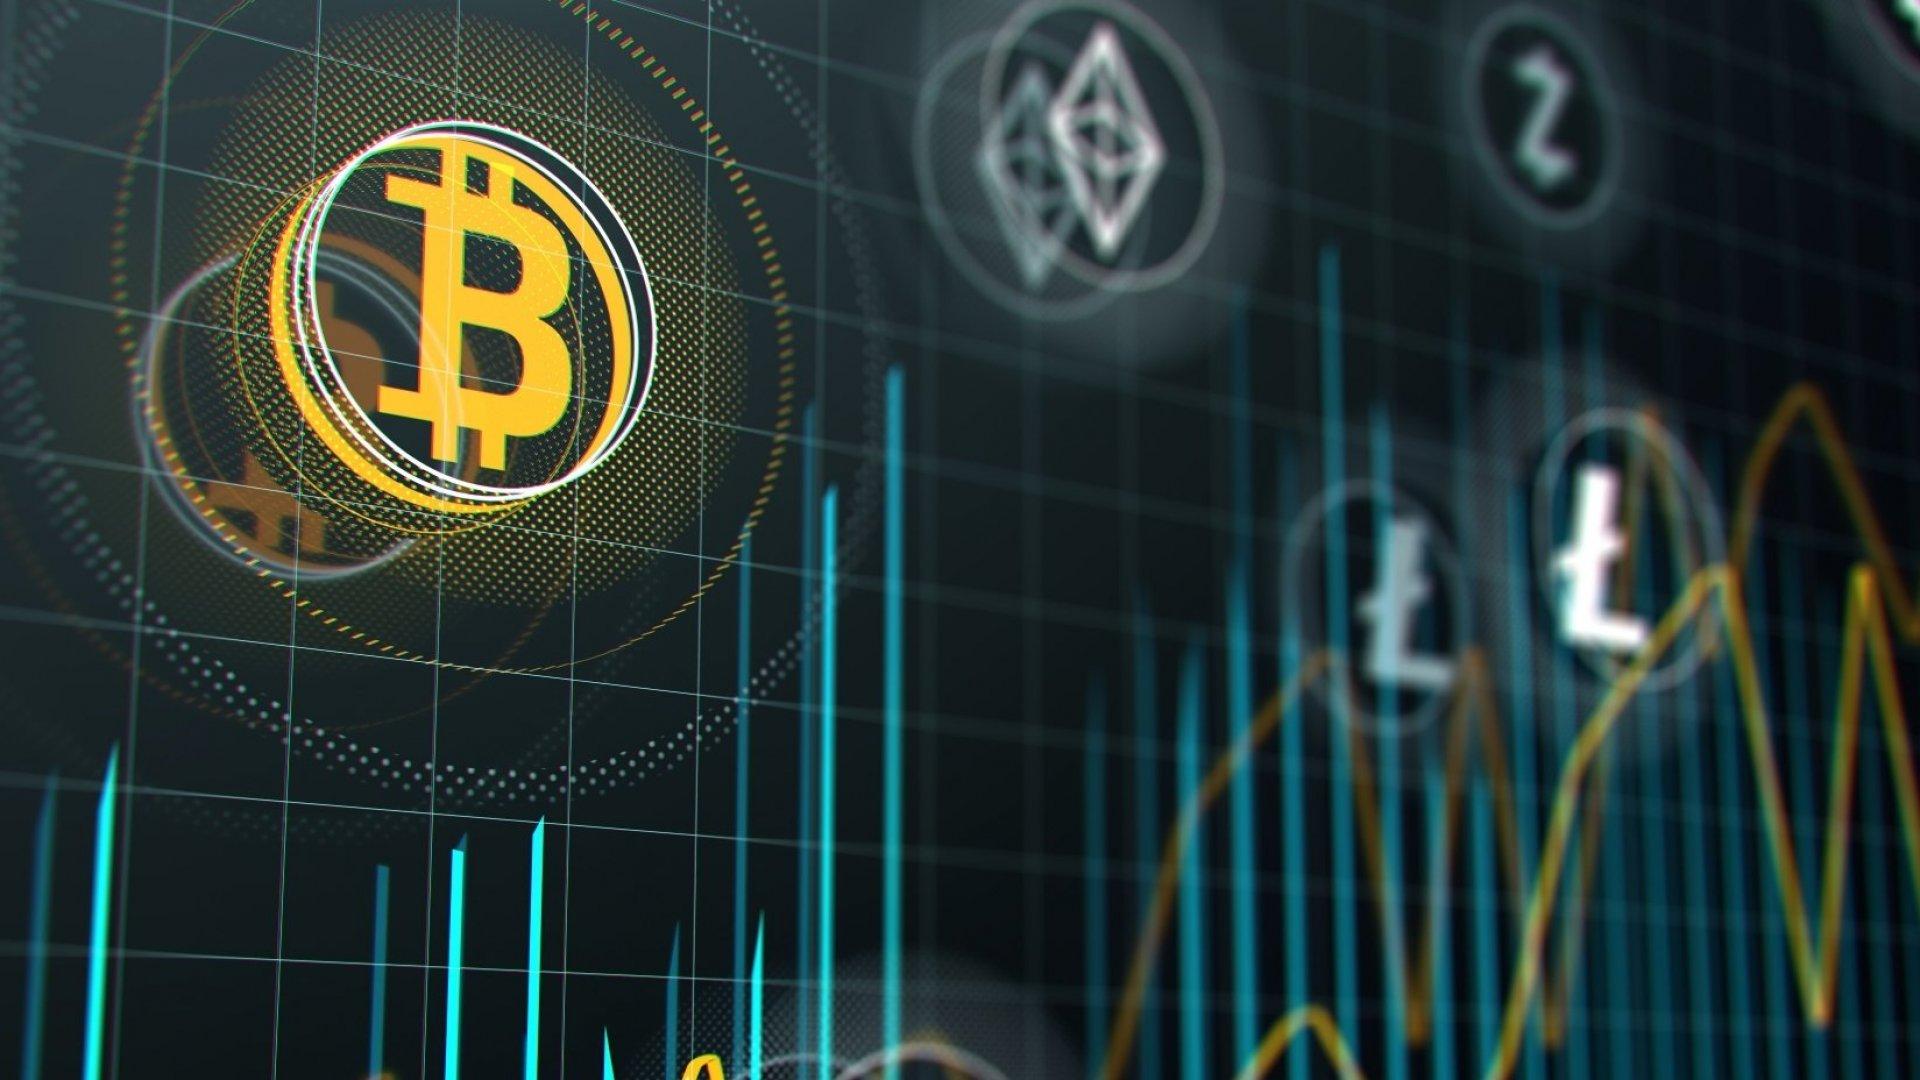 أفضل 30 عملة رقمية من حيث القيمة السوقية حققت 300٪ في المتوسط في 2020